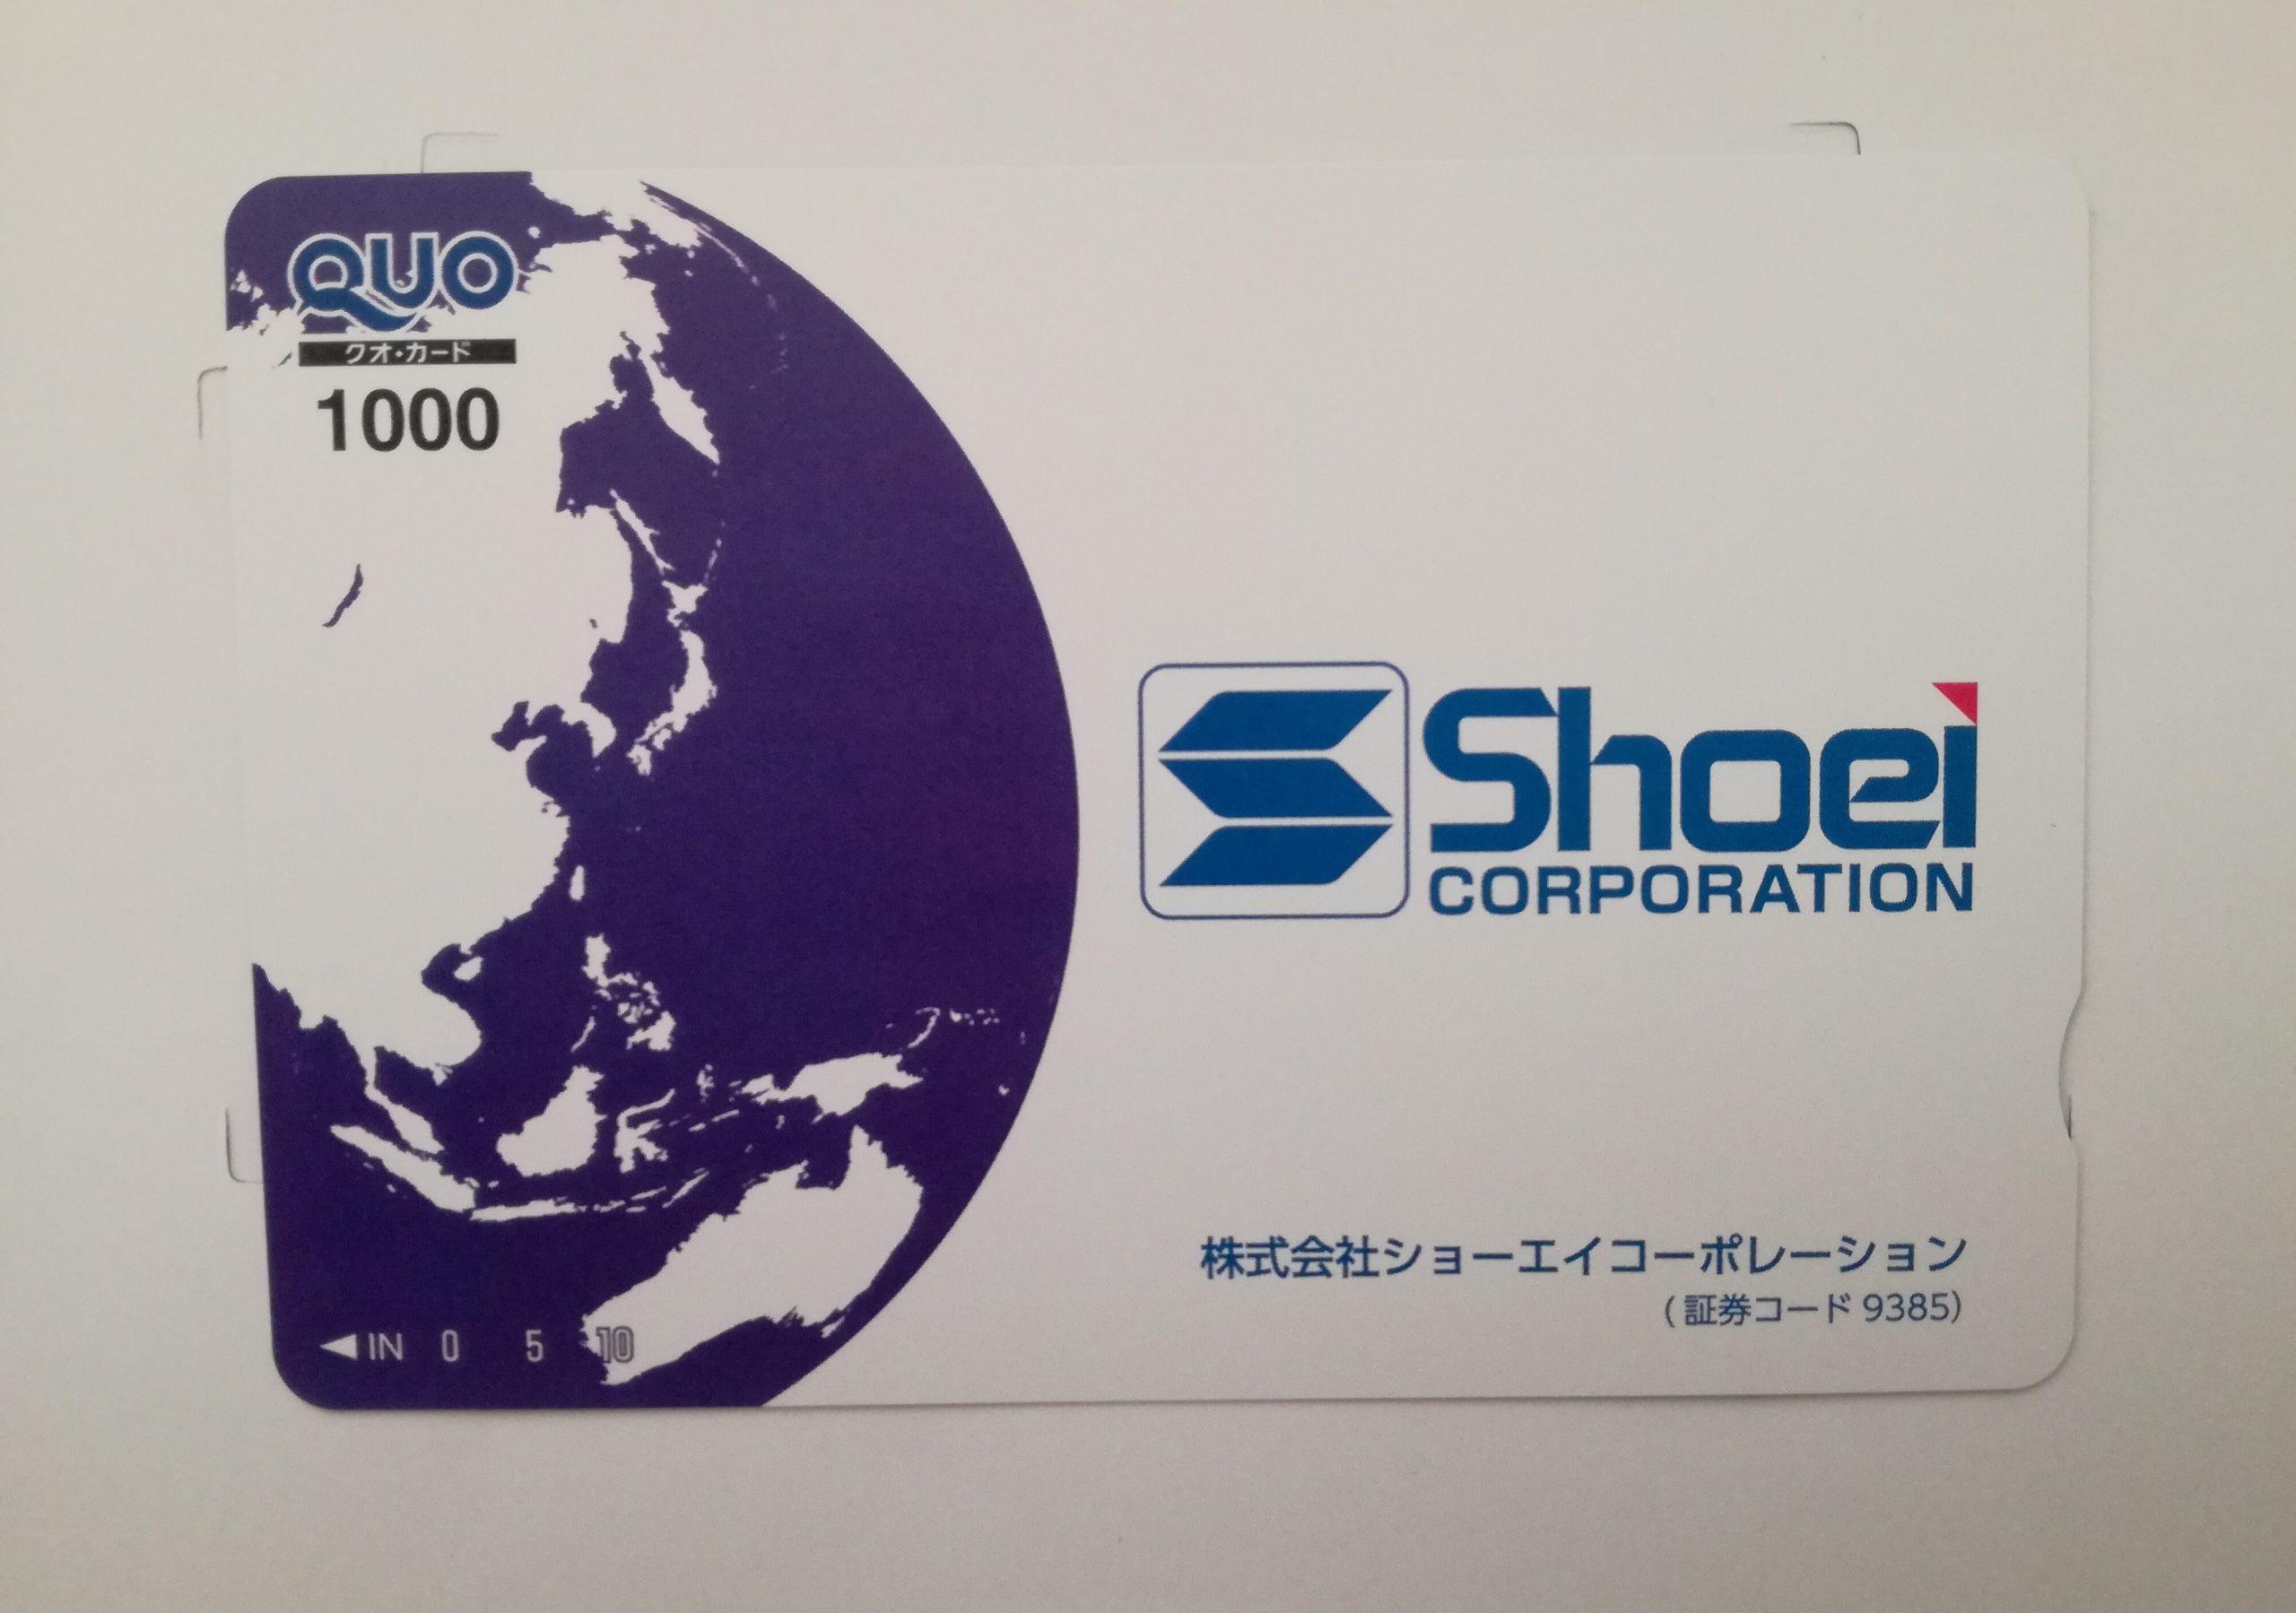 【初取得】ショーエイコーポレーション(9385)から株主優待のクオカード1,000円が到着!